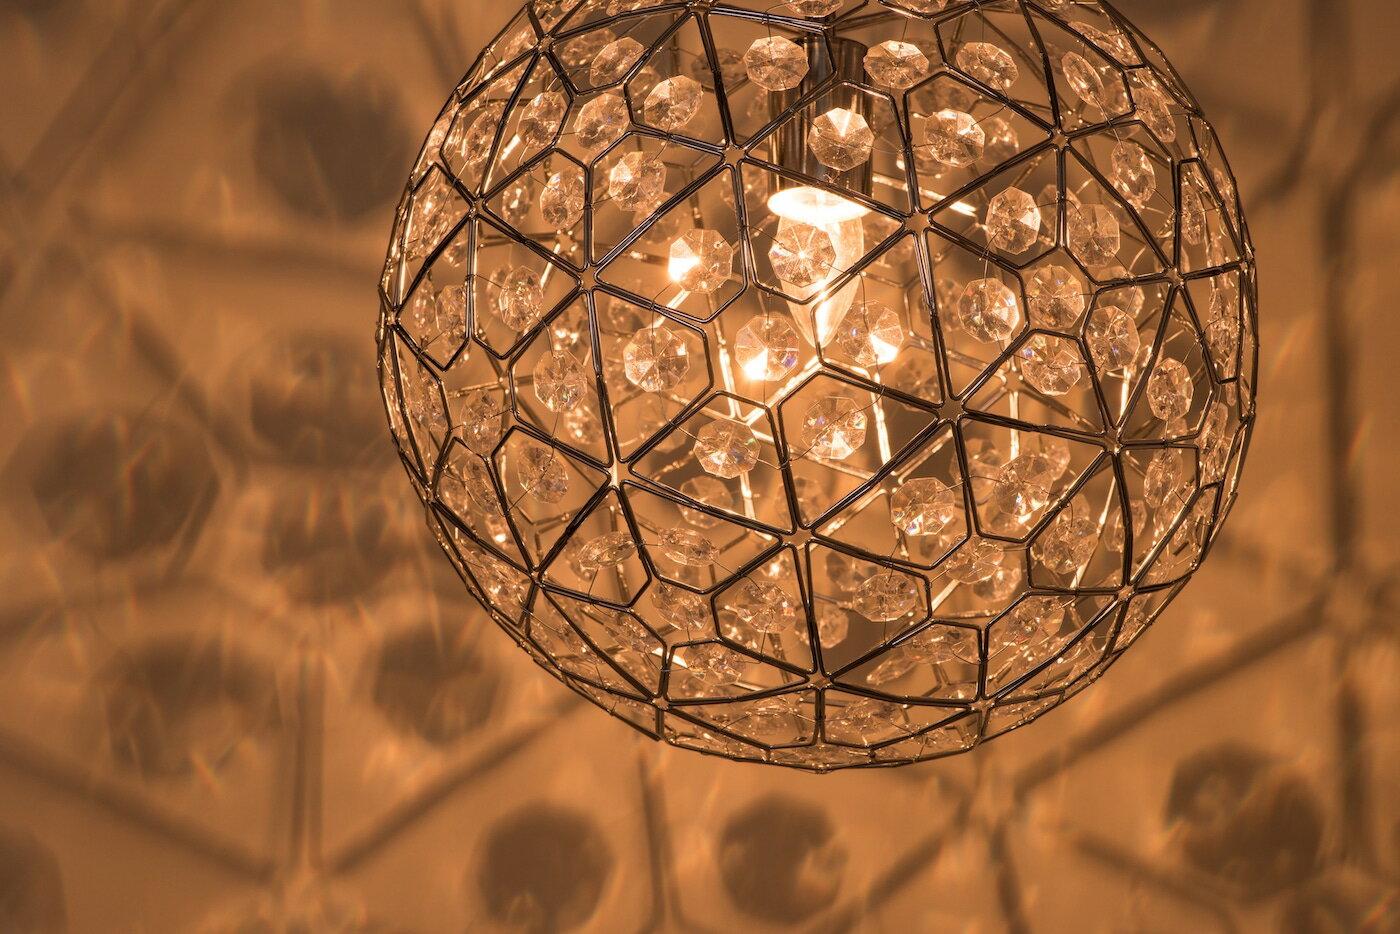 圓形幾何圖案壓克力吊燈-BNL00069 3